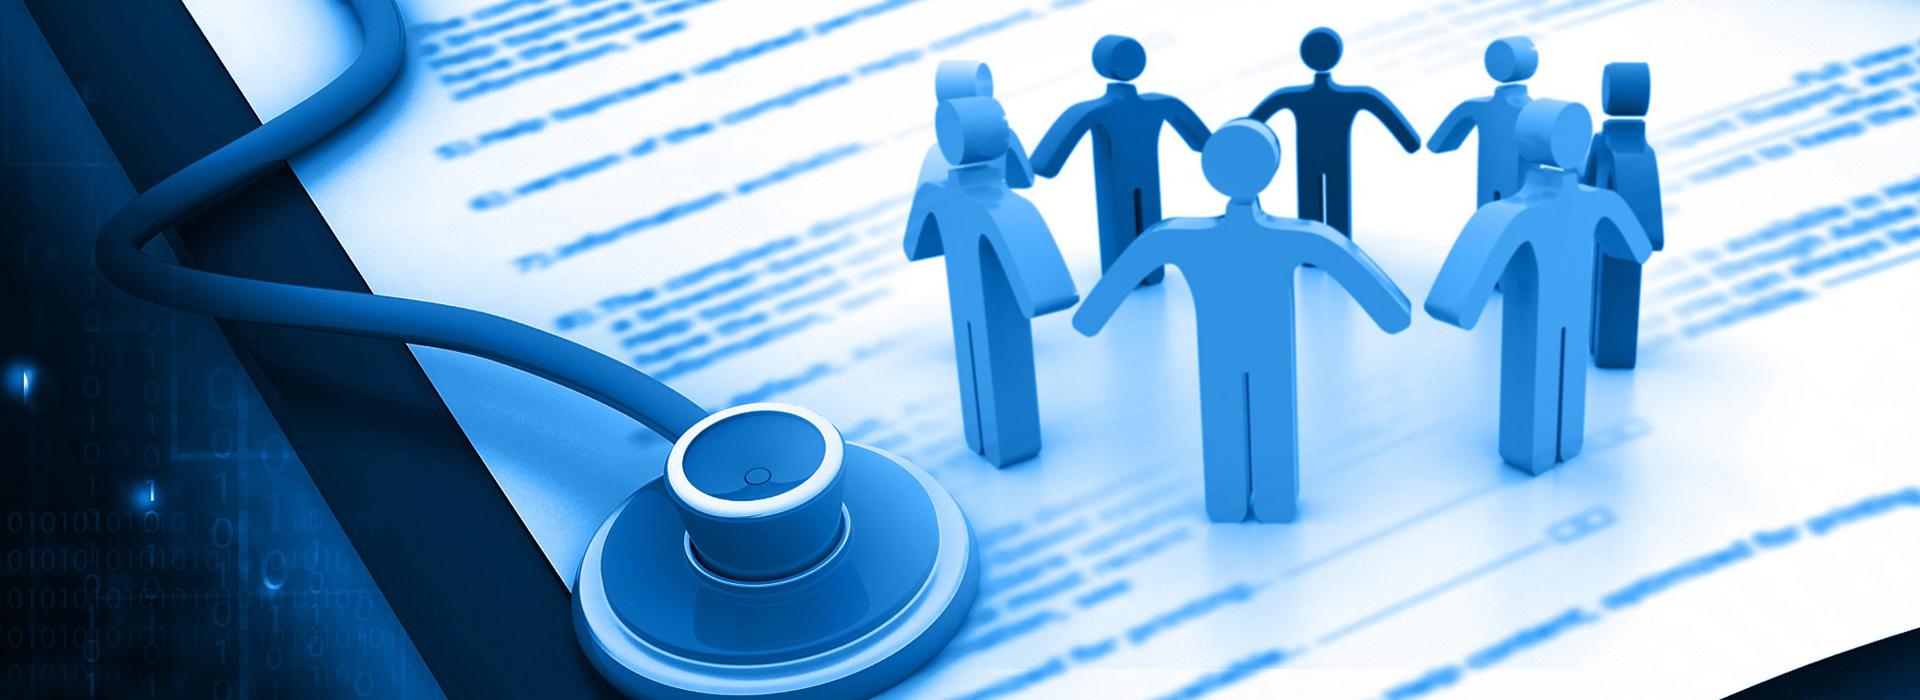 買保險最在意「理賠」!調查:7成保戶因「理賠迅速」推薦保險公司